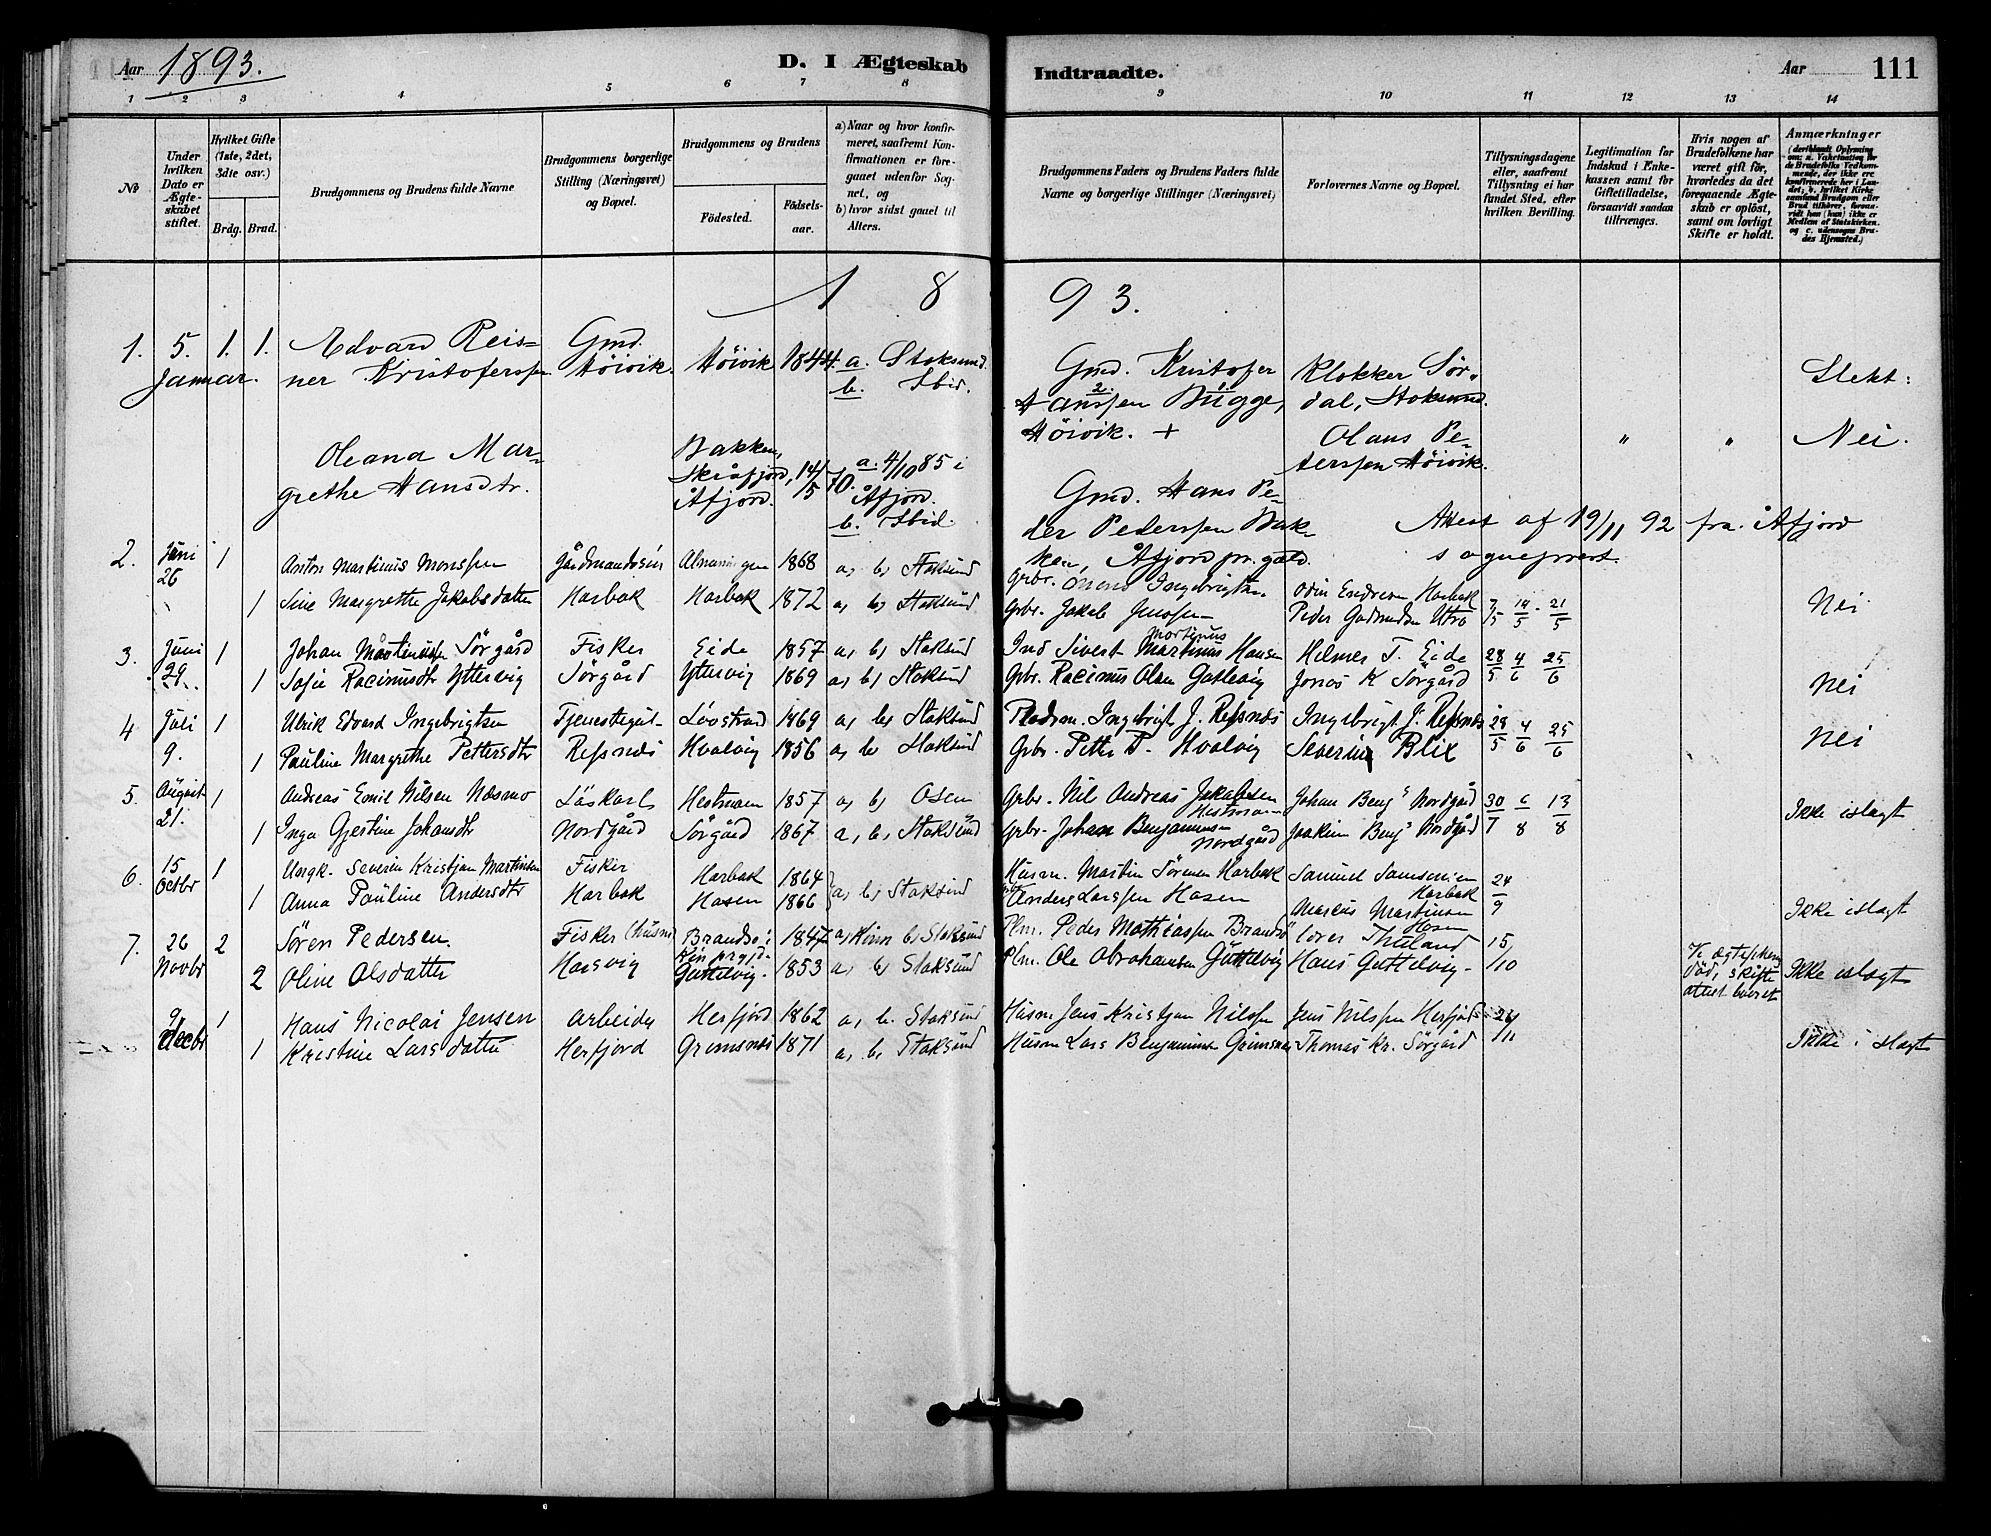 SAT, Ministerialprotokoller, klokkerbøker og fødselsregistre - Sør-Trøndelag, 656/L0692: Ministerialbok nr. 656A01, 1879-1893, s. 111